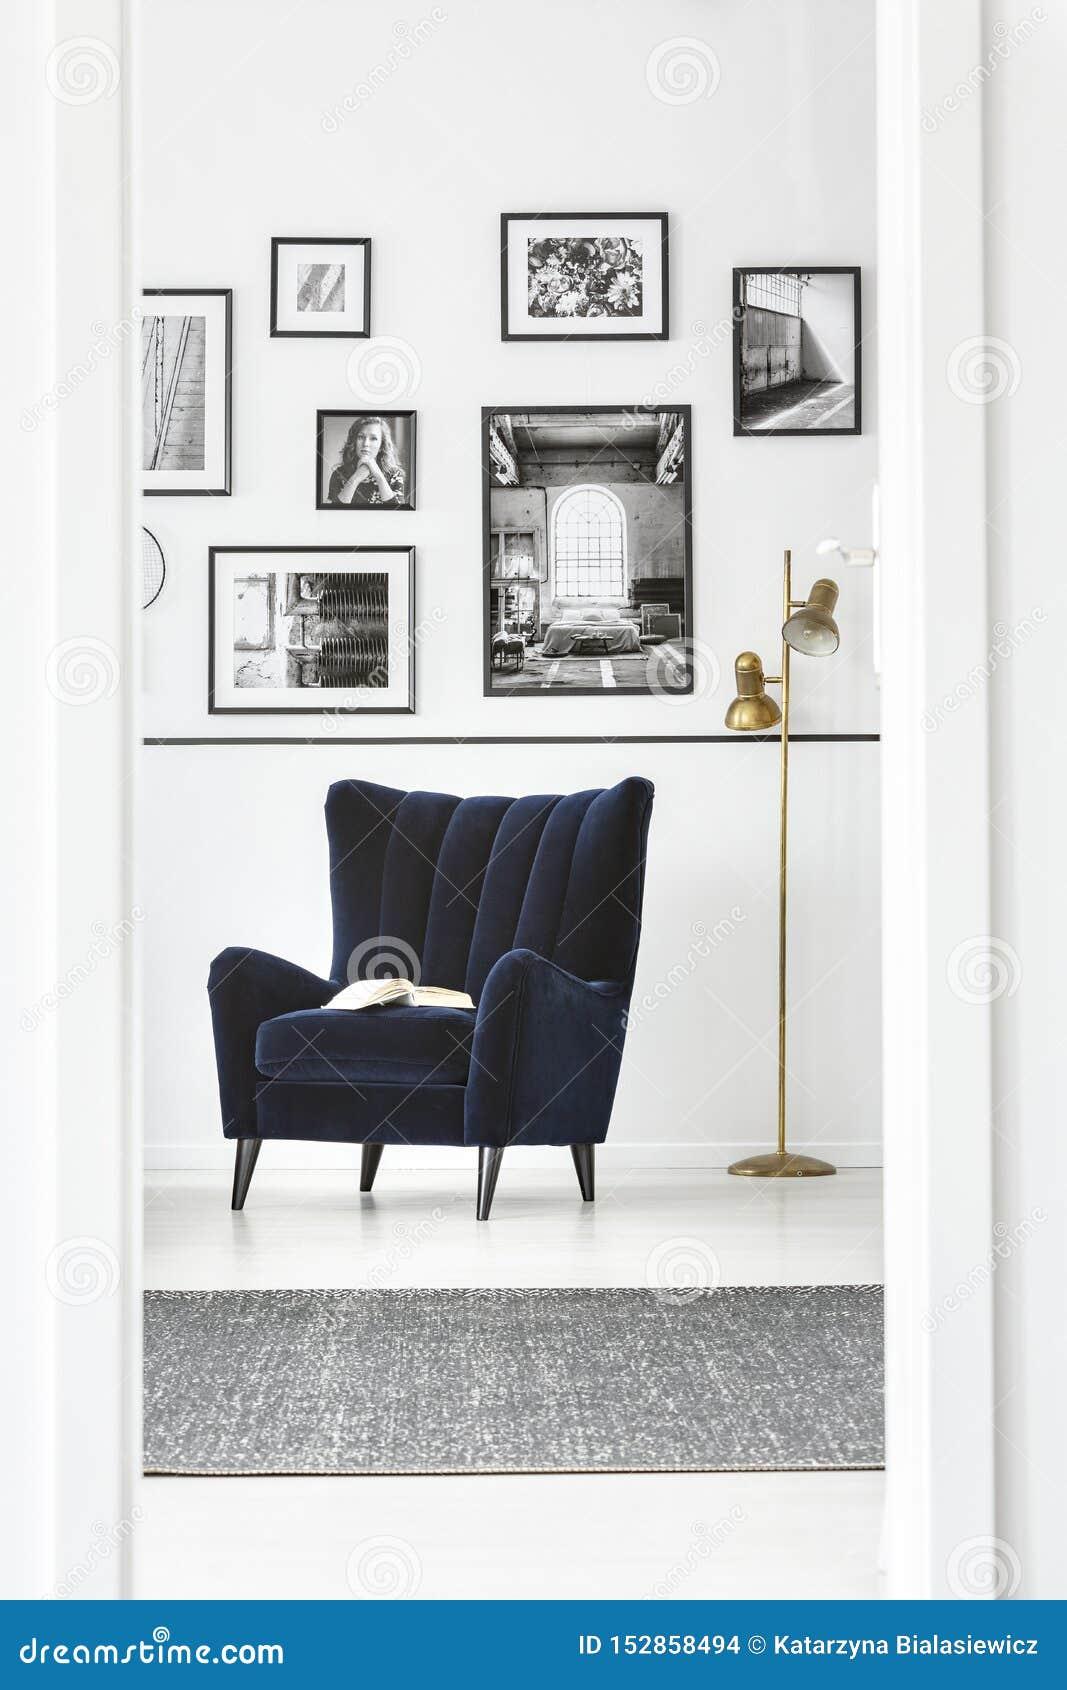 Hinterer Stuhl des modischen Flügels im fantastischen Schlafzimmerinnenraum mit eleganten Möbeln